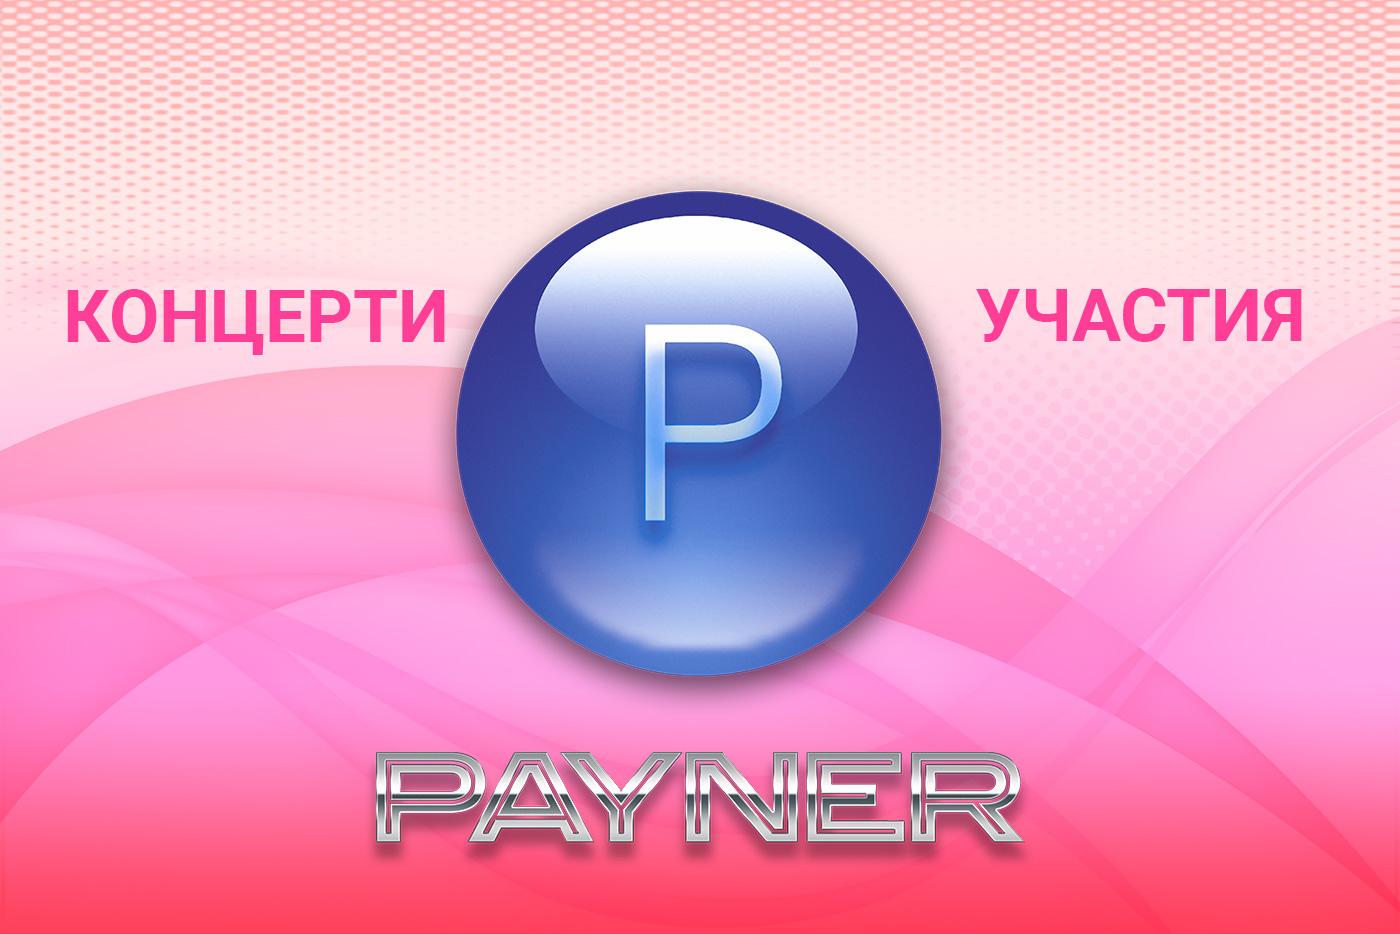 """Участия на звездите на """"Пайнер"""" на 13.11.2018"""